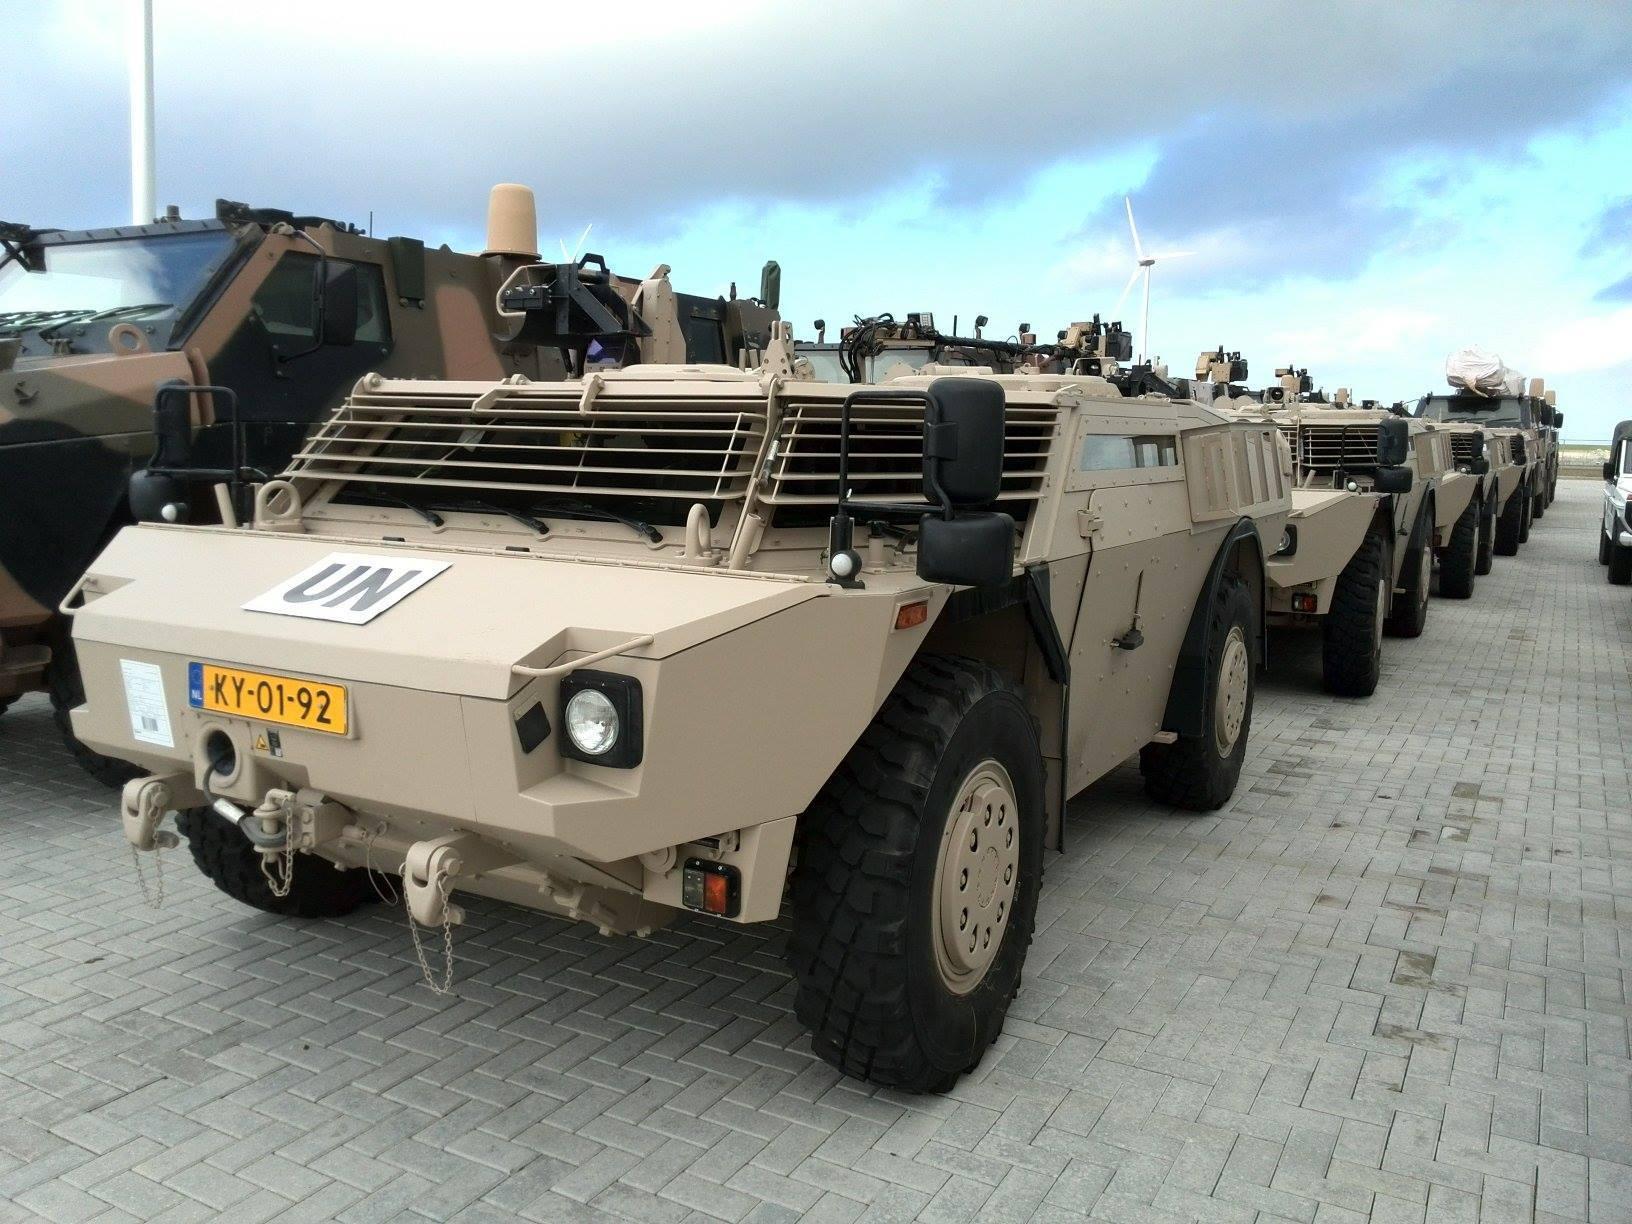 Armée Hollandaise/Armed forces of the Netherlands/Nederlandse krijgsmacht - Page 14 1912059_4693729464965yejc6